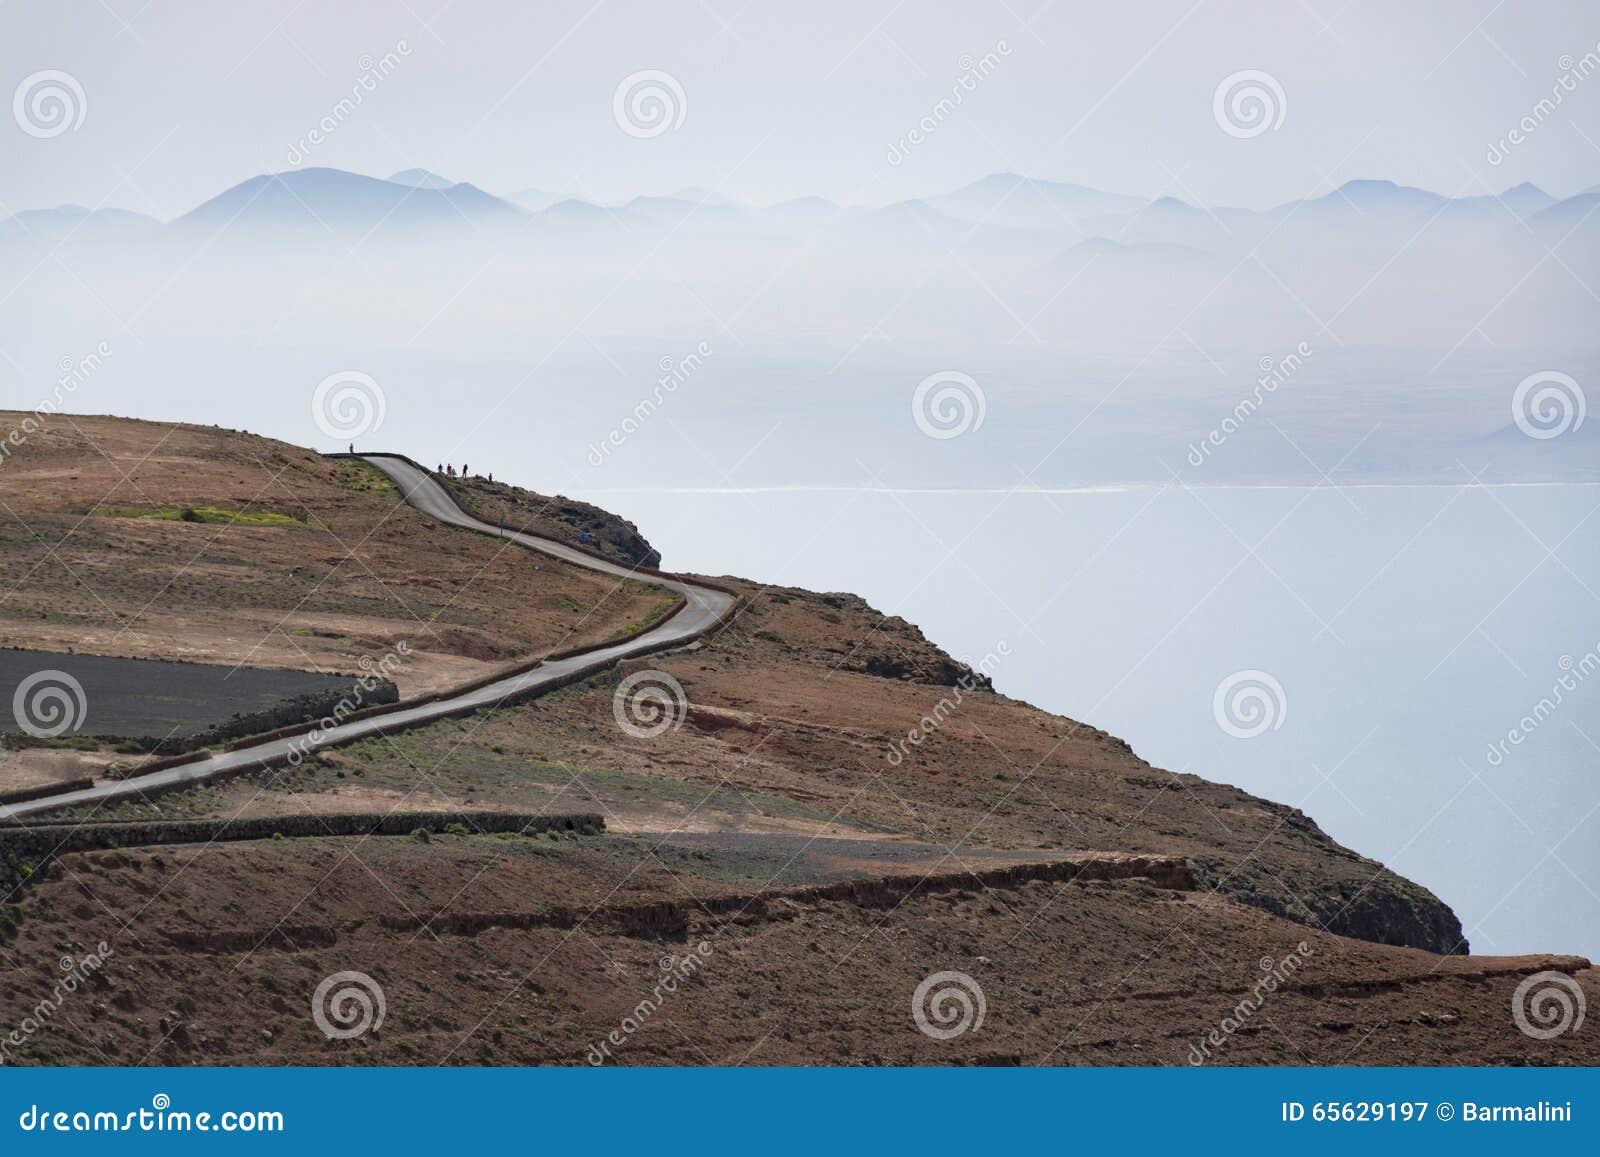 Route dans les montagnes, vue de del Rio, Lanzarote, Espagne de Mirador